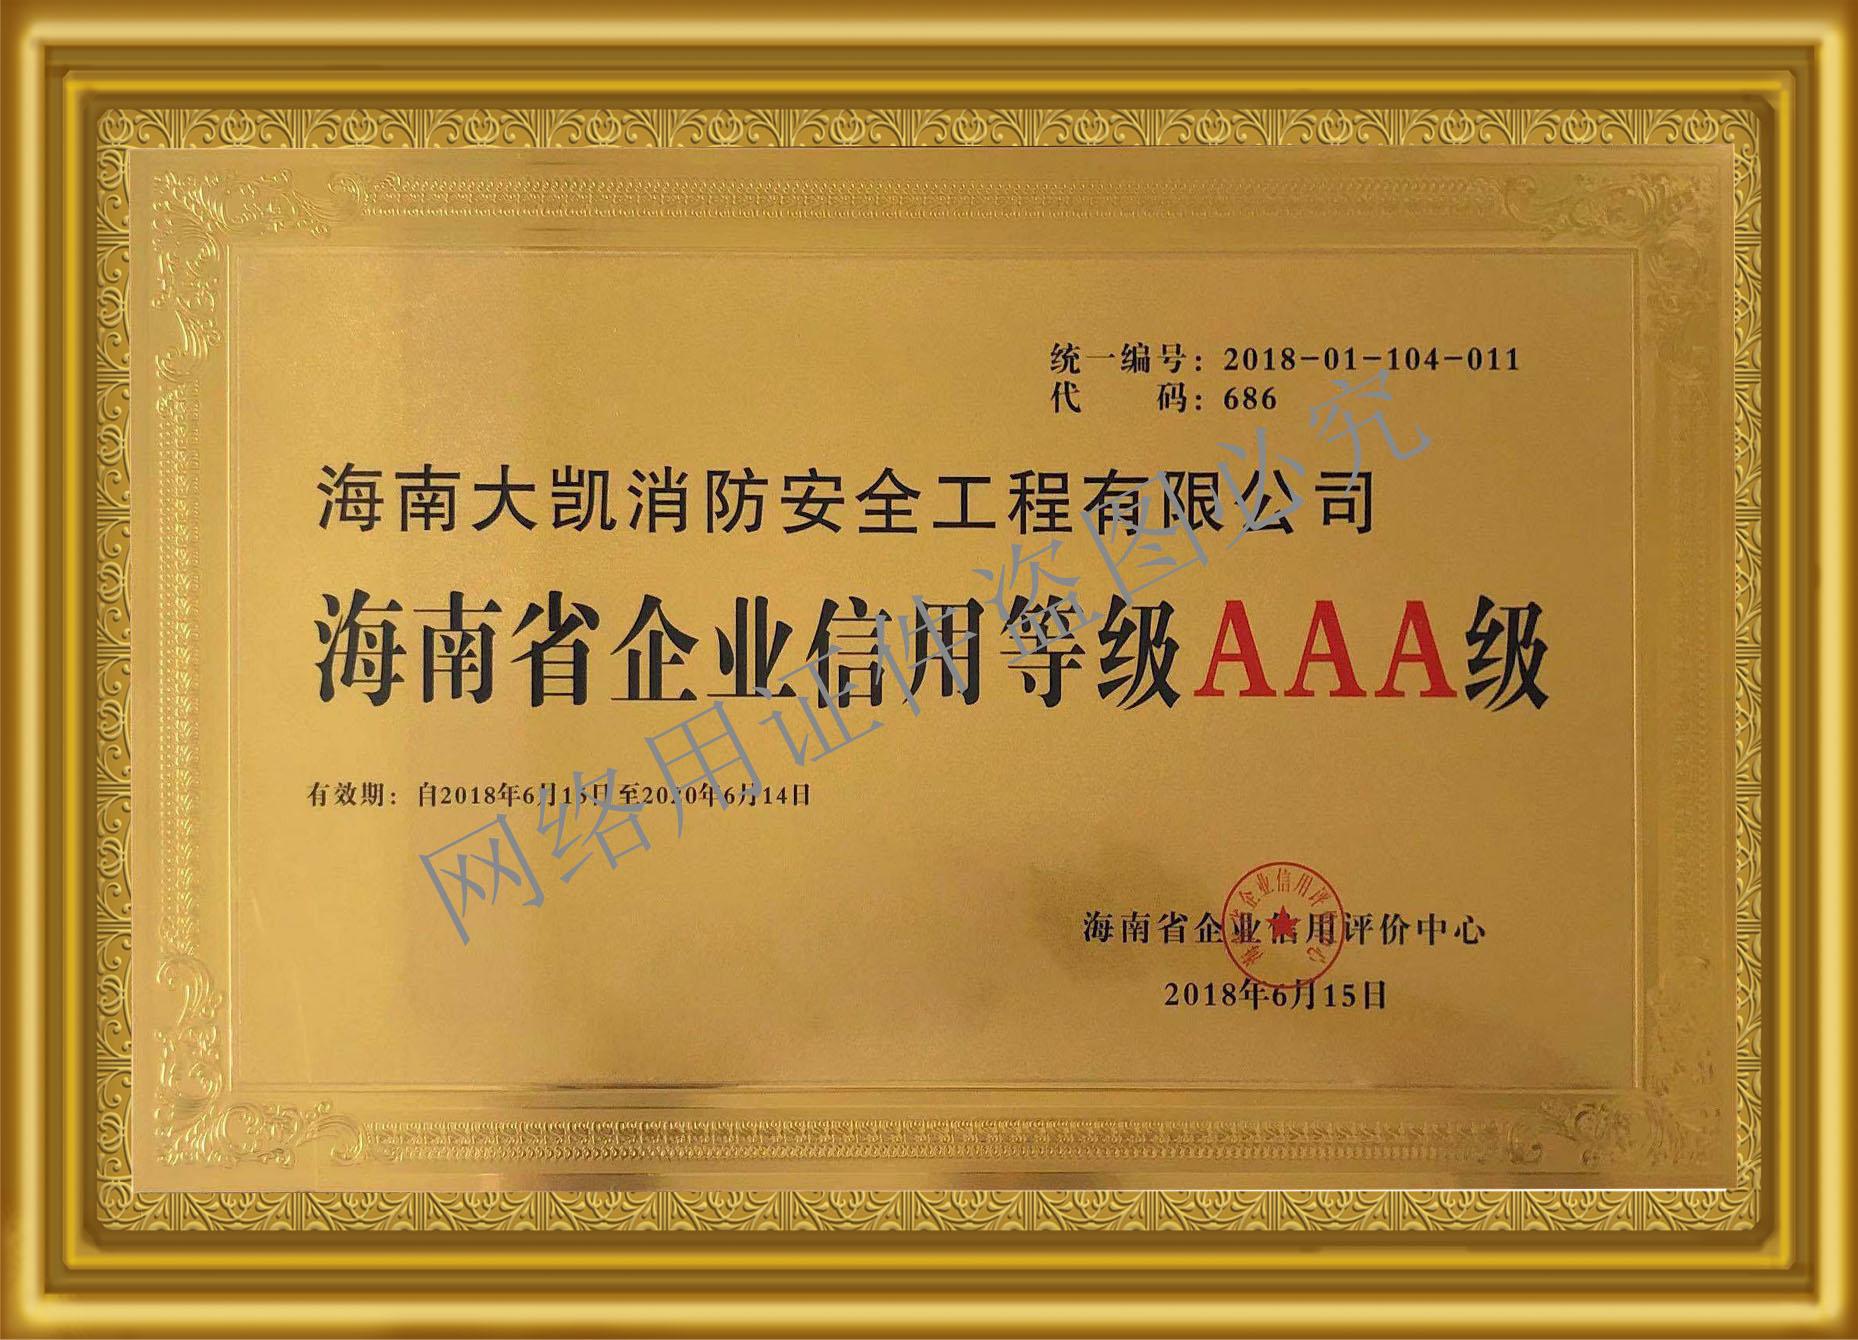 18-2020海南省企业信用等级AAA